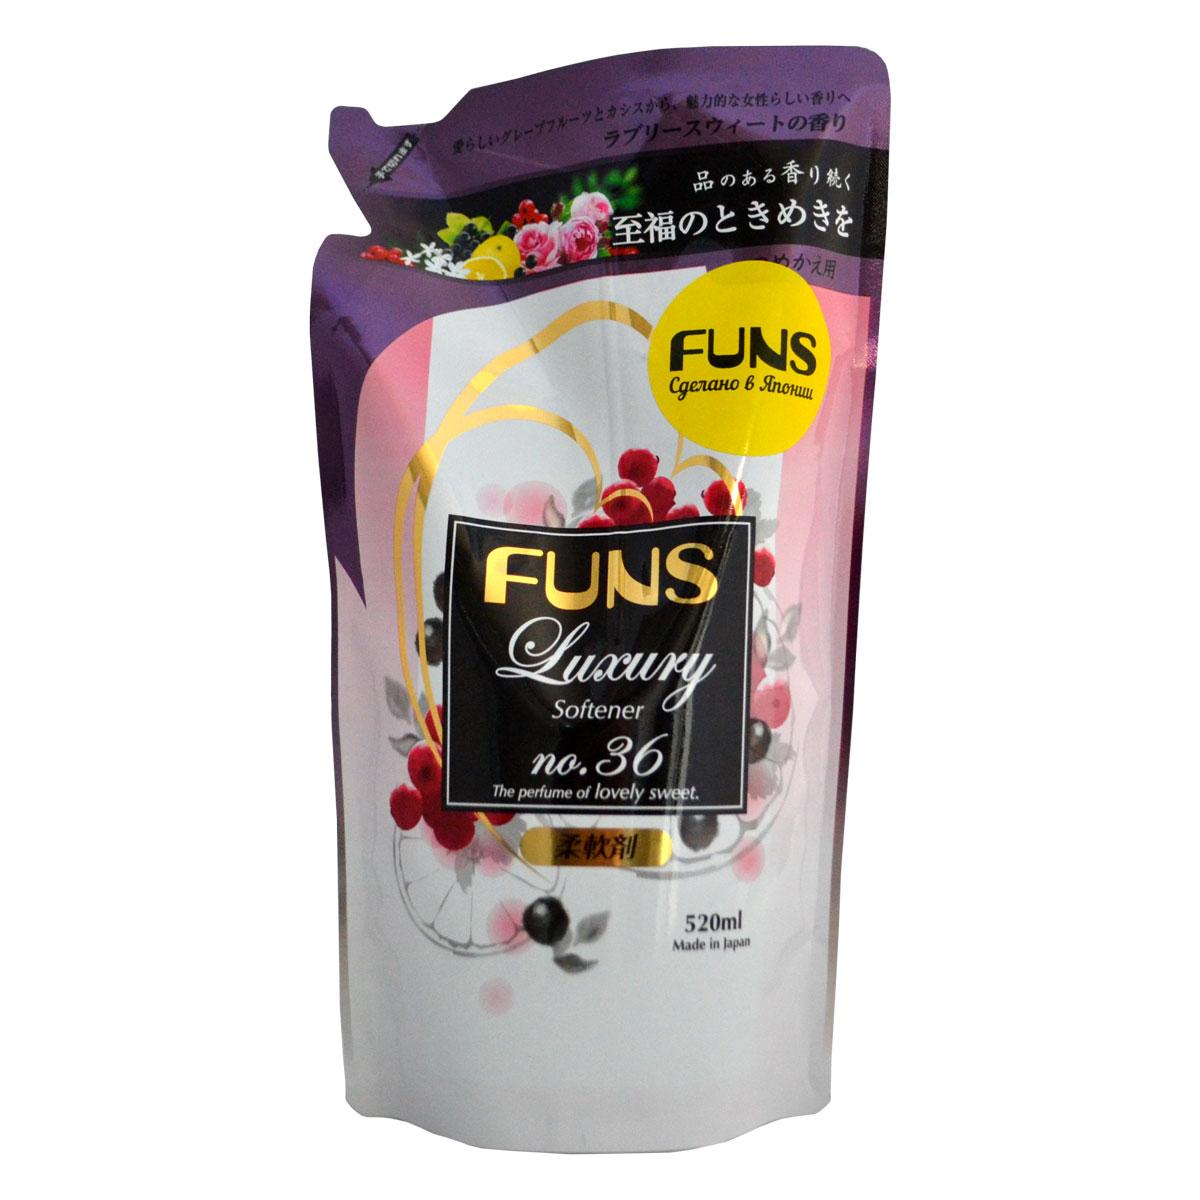 Кондиционер парфюмированный для белья Funs, с ароматом грейпфрута и черной смородины, 520 мл10292Сильноконцентрированный кондиционер для белья Funs придаст вашим вещам мягкость и сделает их приятными наощупь. Подходит для хлопчатобумажных, шерстяных, льняных и синтетических тканей, а также любых деликатных тканей (шелка и шерсти). Кондиционер предотвращает появление статического электричества, а также облегчает глажку белья. Обладает приятным ароматом, который сохраняется на долгое время, даже после сушки белья. Благодаря противомикробному и дезодорирующему действию кондиционер устраняет бактерии, способствующие появлению неприятного запаха. Кондиционер безопасен при контакте с кожей человека, не сушит и не раздражает кожу рук во время стирки. Подходит как для ручной, так и машинной стирки. Норма использования: Вес белья Объем воды Объем кондиционера 6.0 кг 65 л 40 мл 4.5 кг 60 л 30 мл 3.0 кг 45 л 20 мл 1.5 кг 30 л 10 мл Ручная стирка вес белья 0.5 кг 3.3 мл Способ применения: применяйте кондиционер...